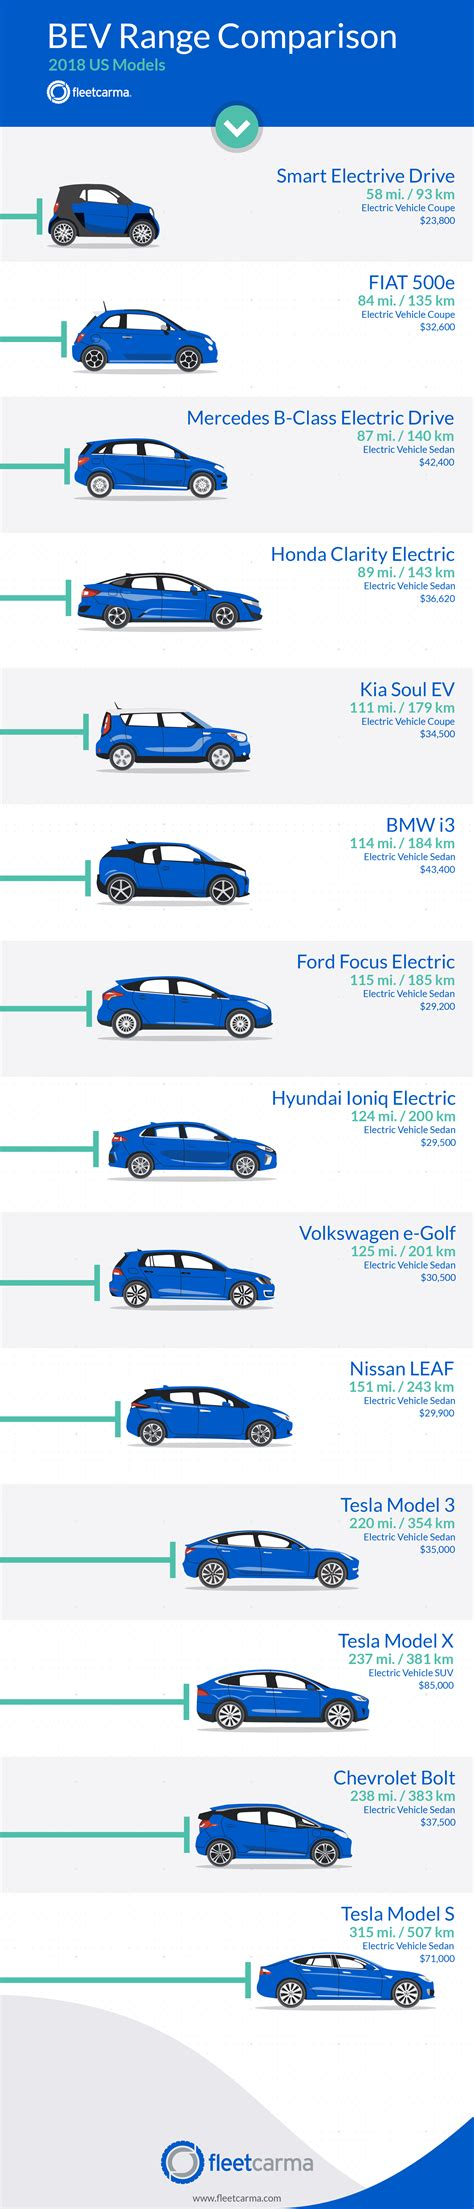 Electric Vehicle Comparison by 2018 Electric Vehicle Range Comparison